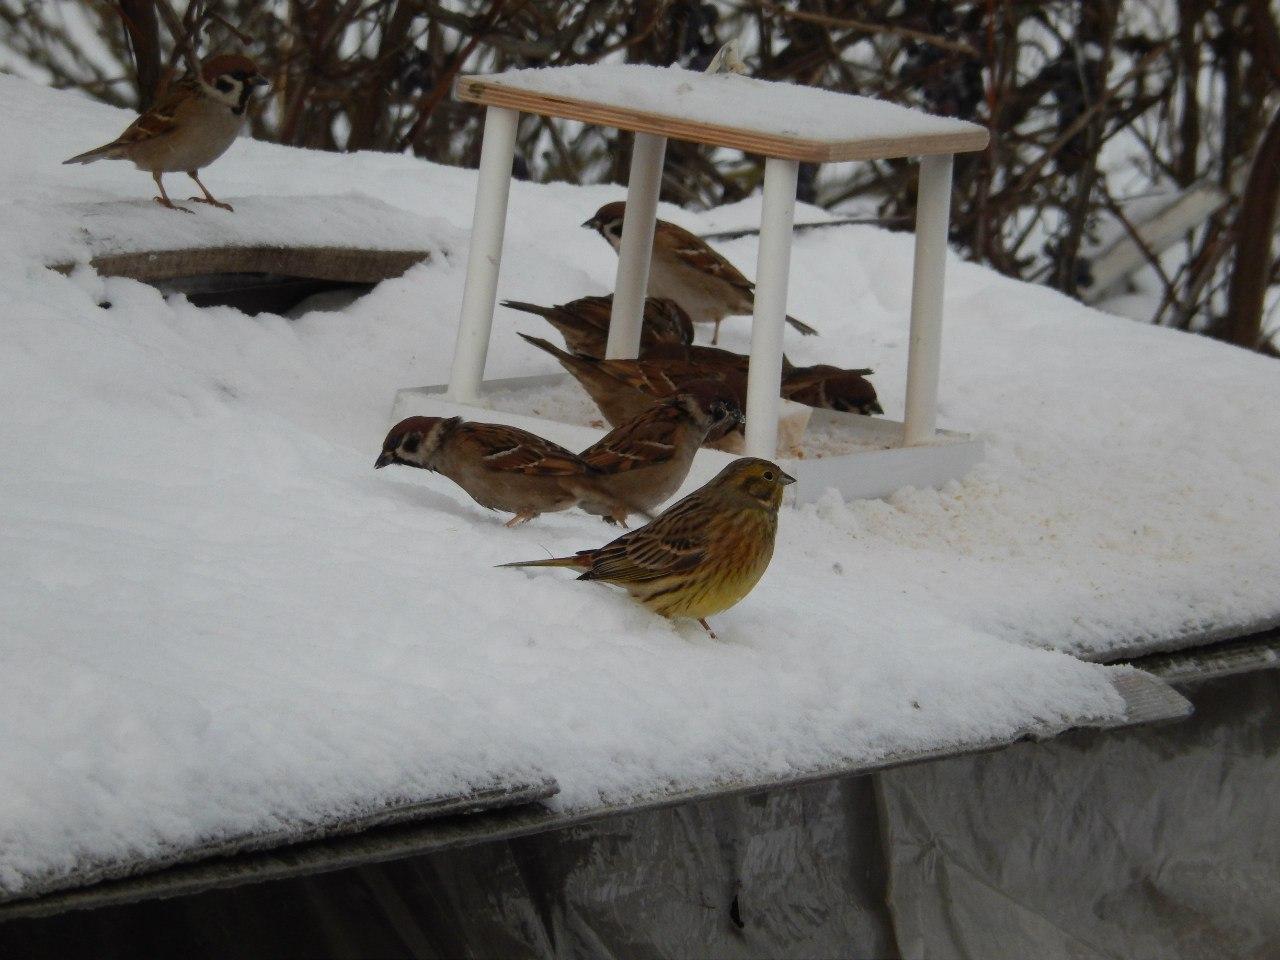 Считайте птиц внимательно! Фото — О.Почепко